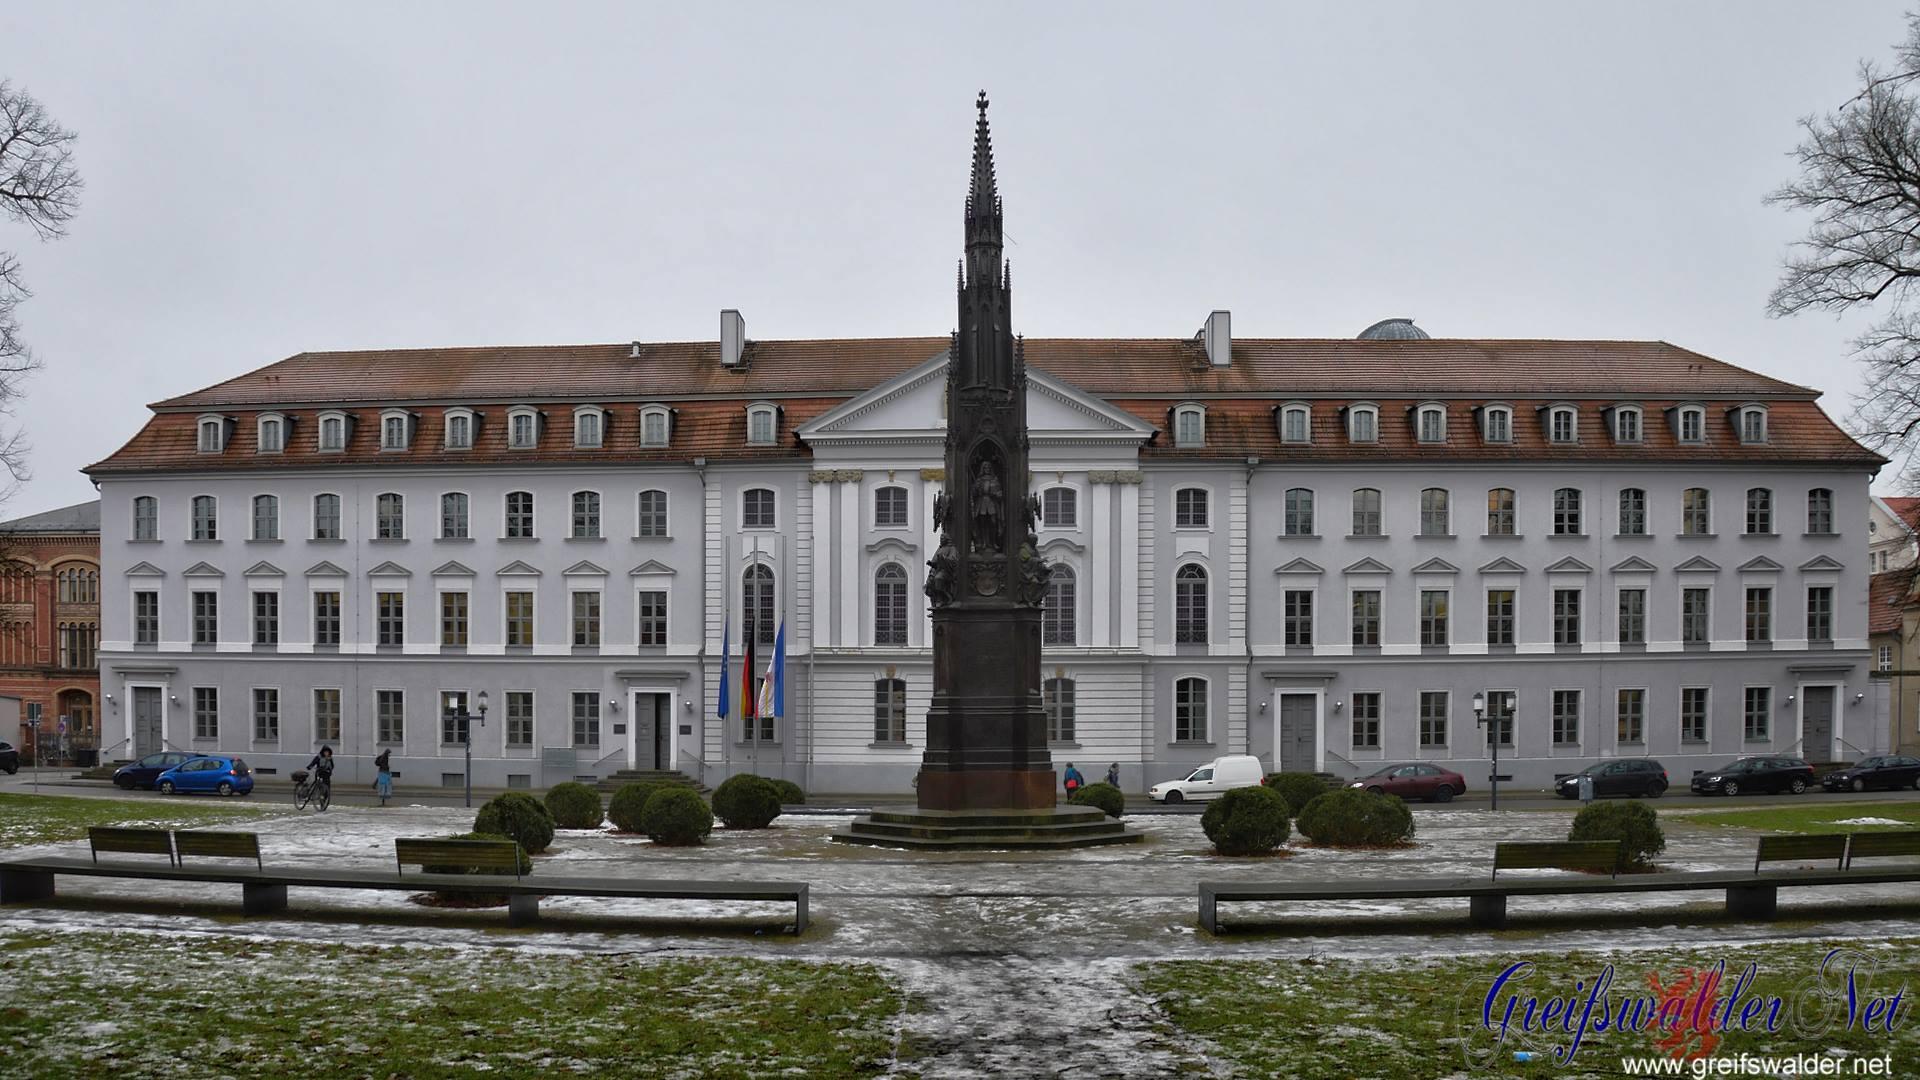 Ernst Moritz Arndt Greifswald